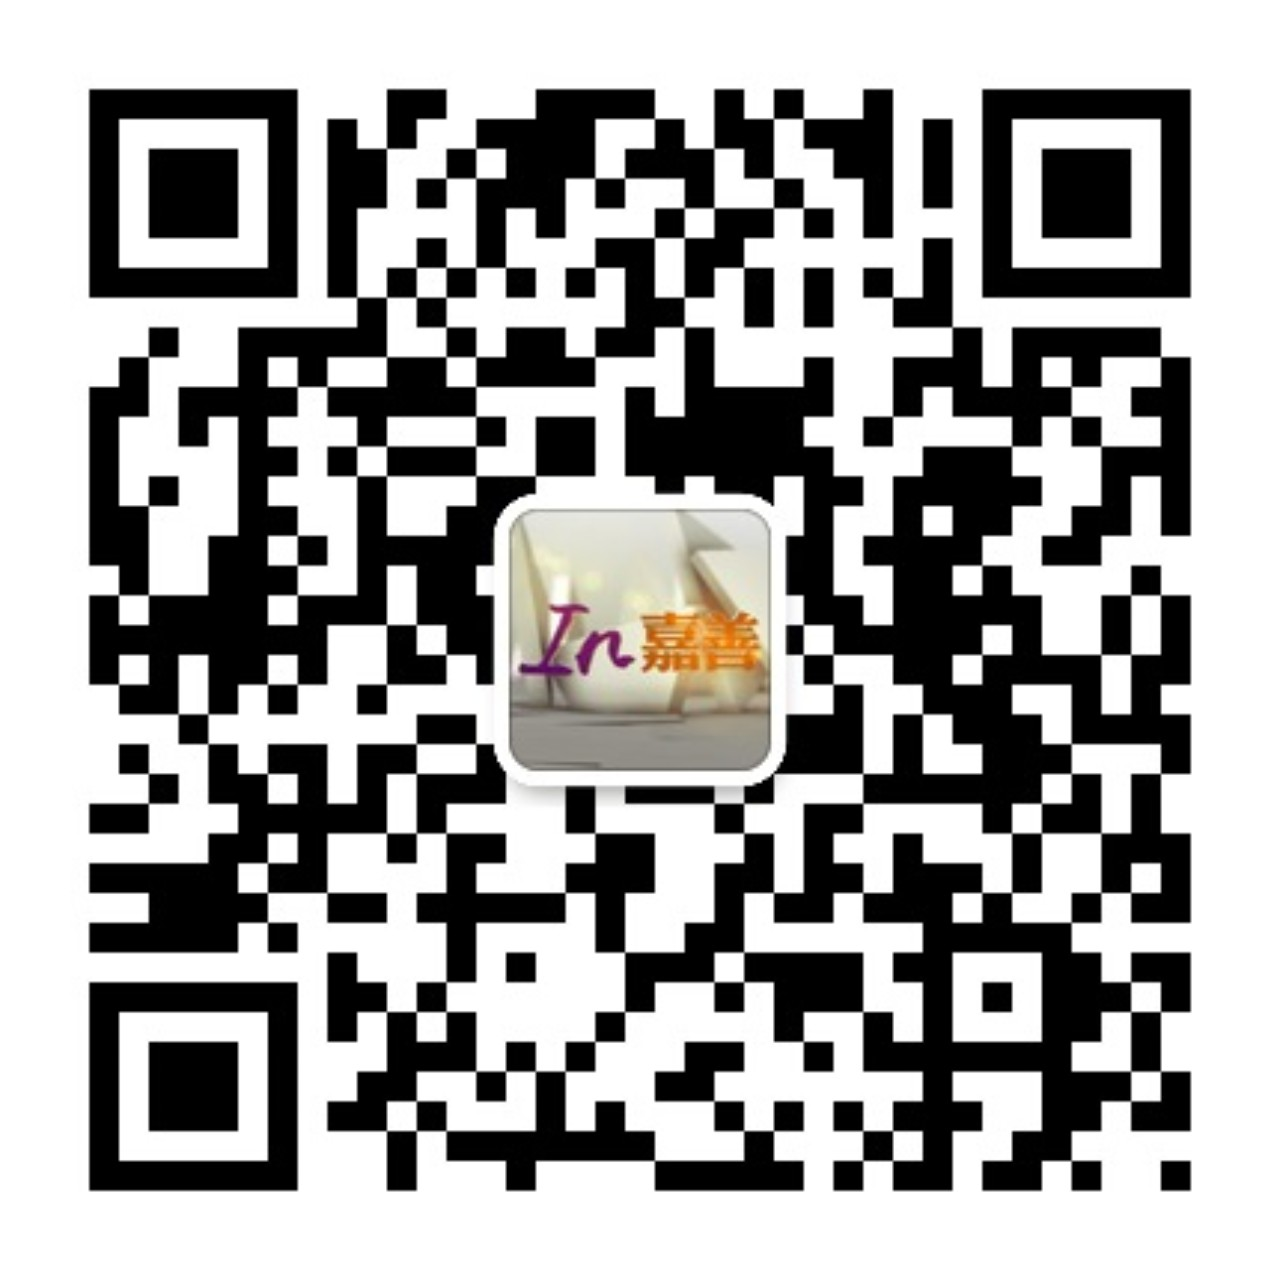 http://jsxww.zjol.com.cn/jsnews/images/2013/jmzx_wx.jpg